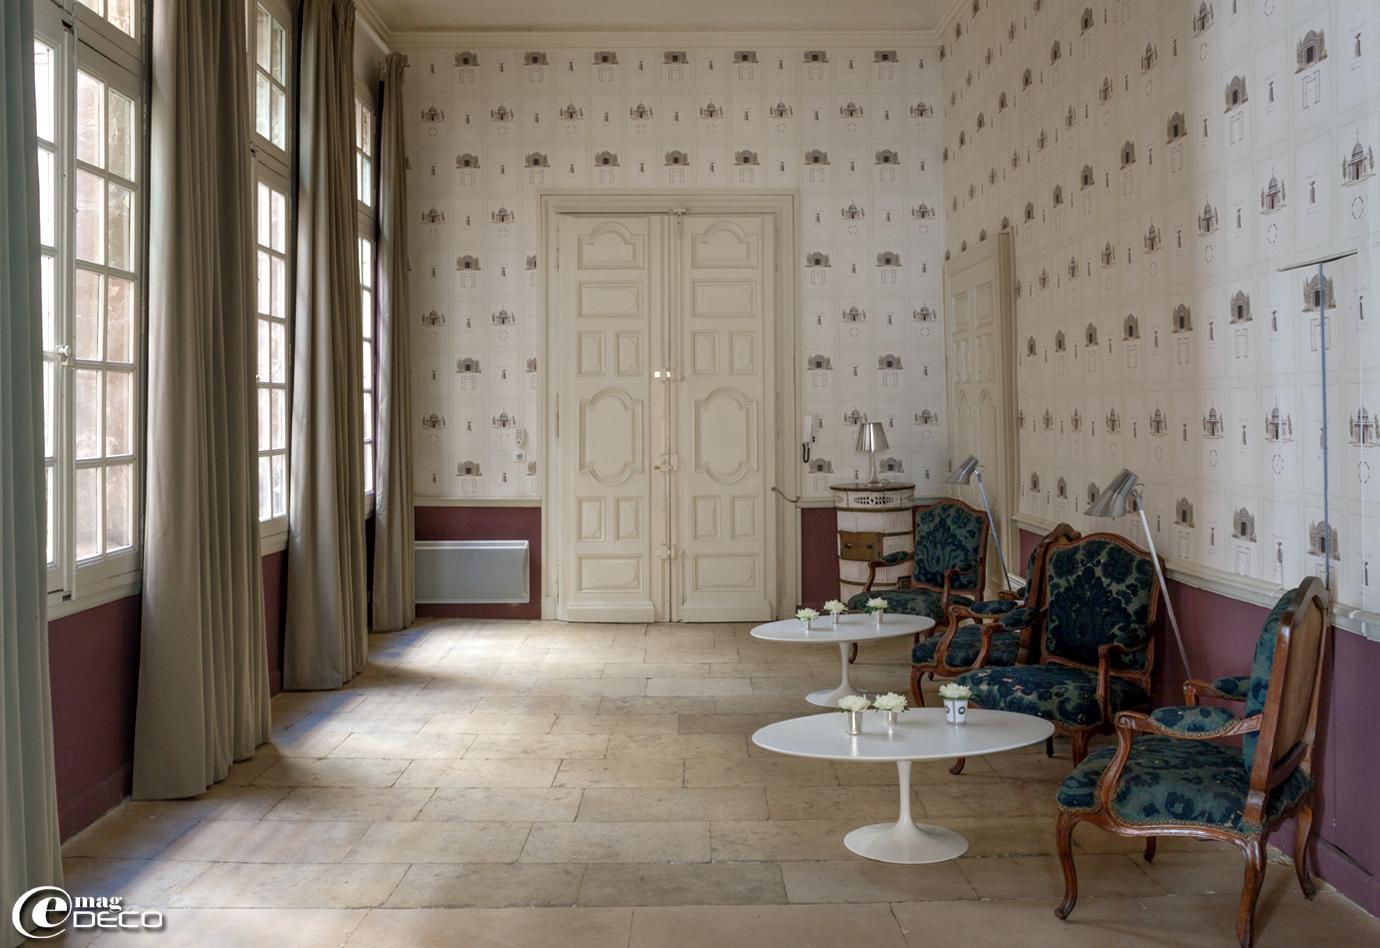 Images of Papier Peint Entree Maison - s are Vignotto